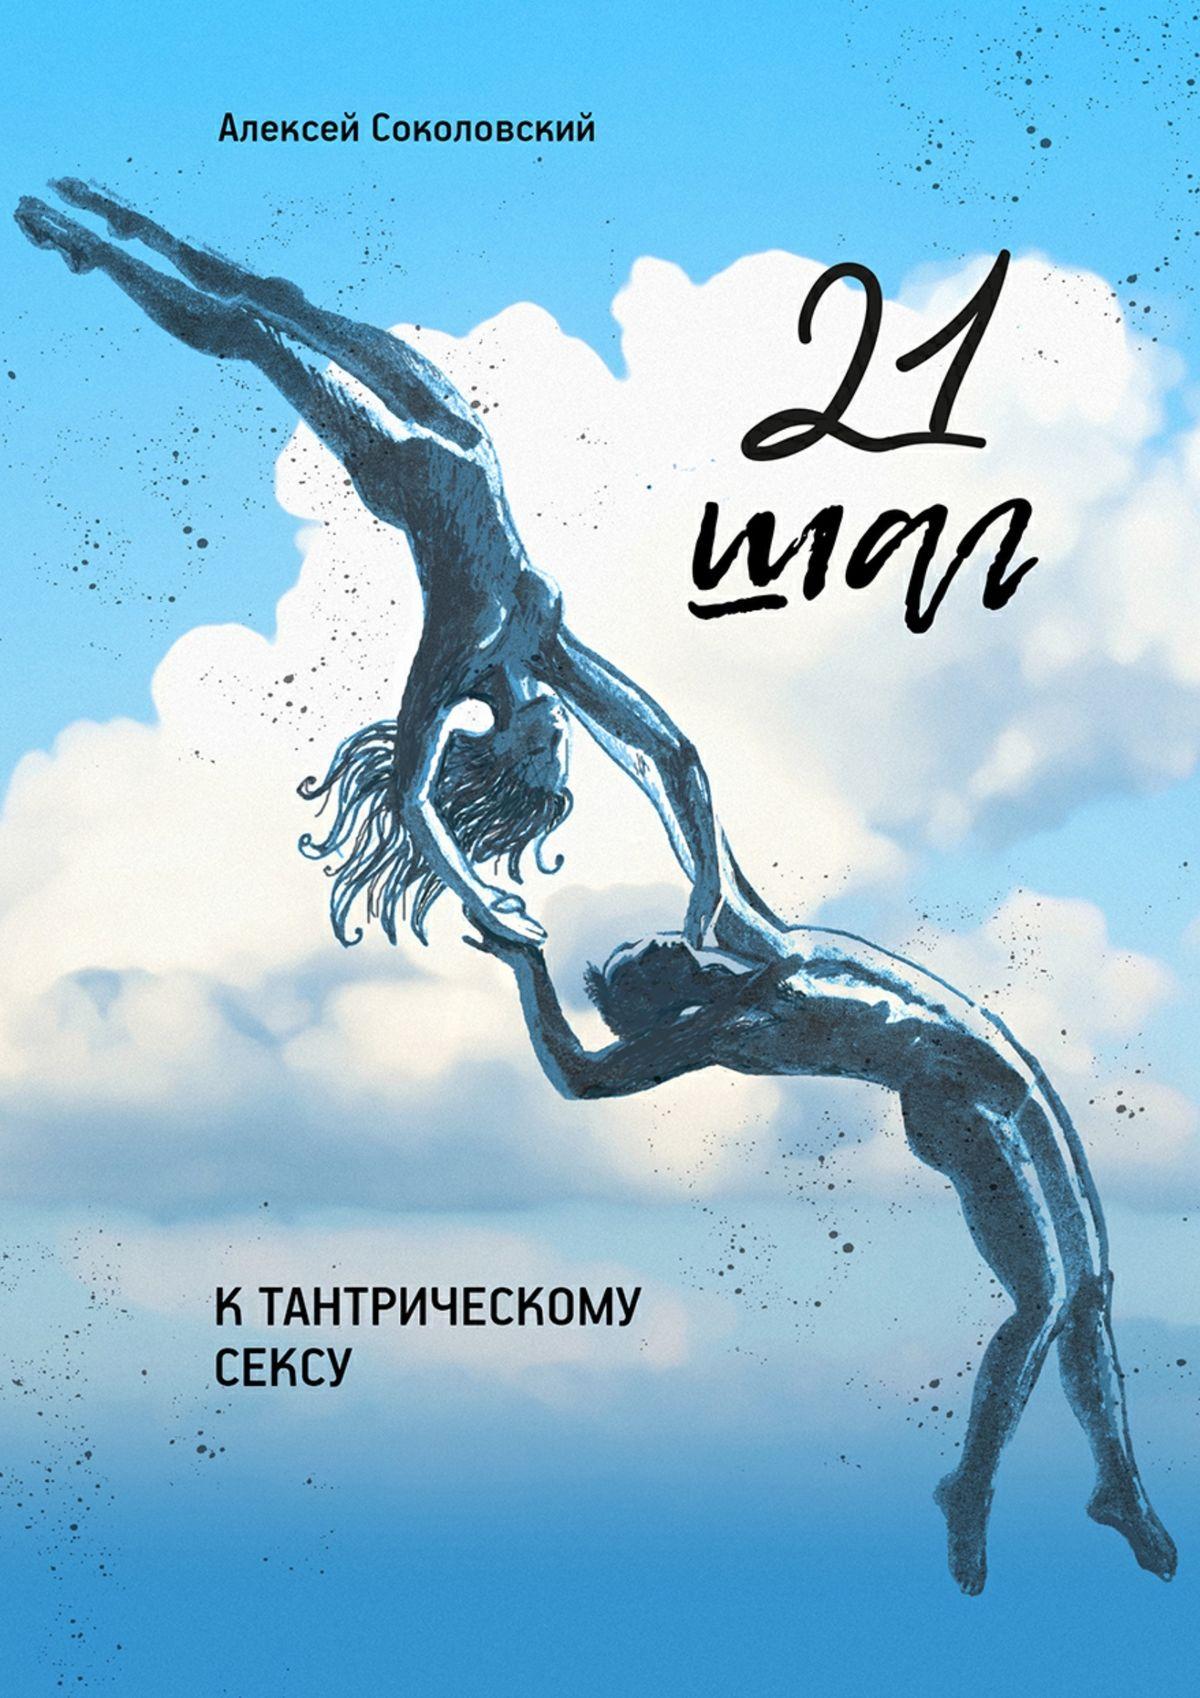 Алексей Александрович Соколовский 21шаг ктантрическому сексу. Трехнедельный пошаговый курс для мужчин алексей козлов наших дней дилижансы